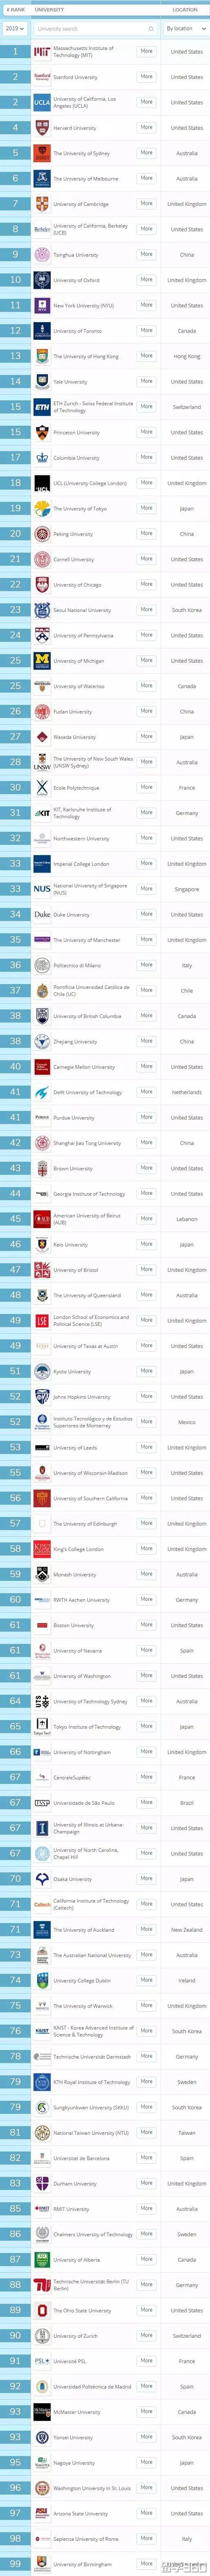 2019年QS世界大学就业竞争力排名出炉!